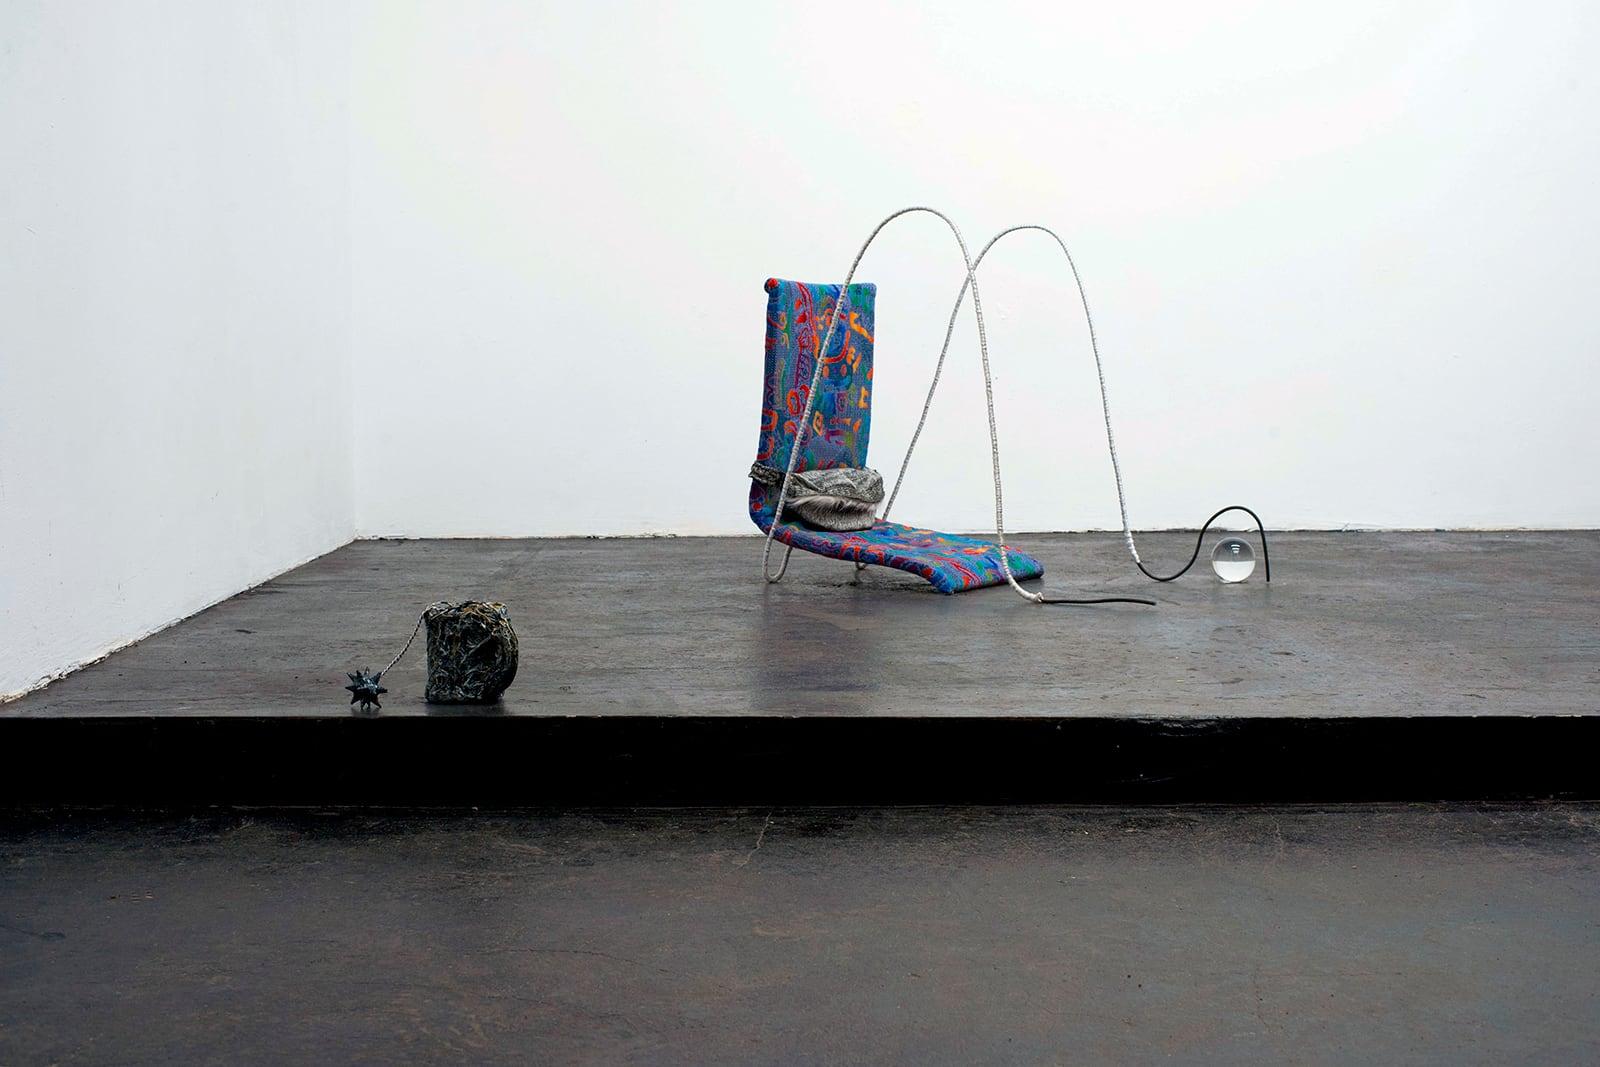 'Quarter Past Ten', групповая выставка в галерее ISSMAG, Москва, 2020. Кураторы TZVETNIK. На фото: Нуно Патричио, TDSDIHA